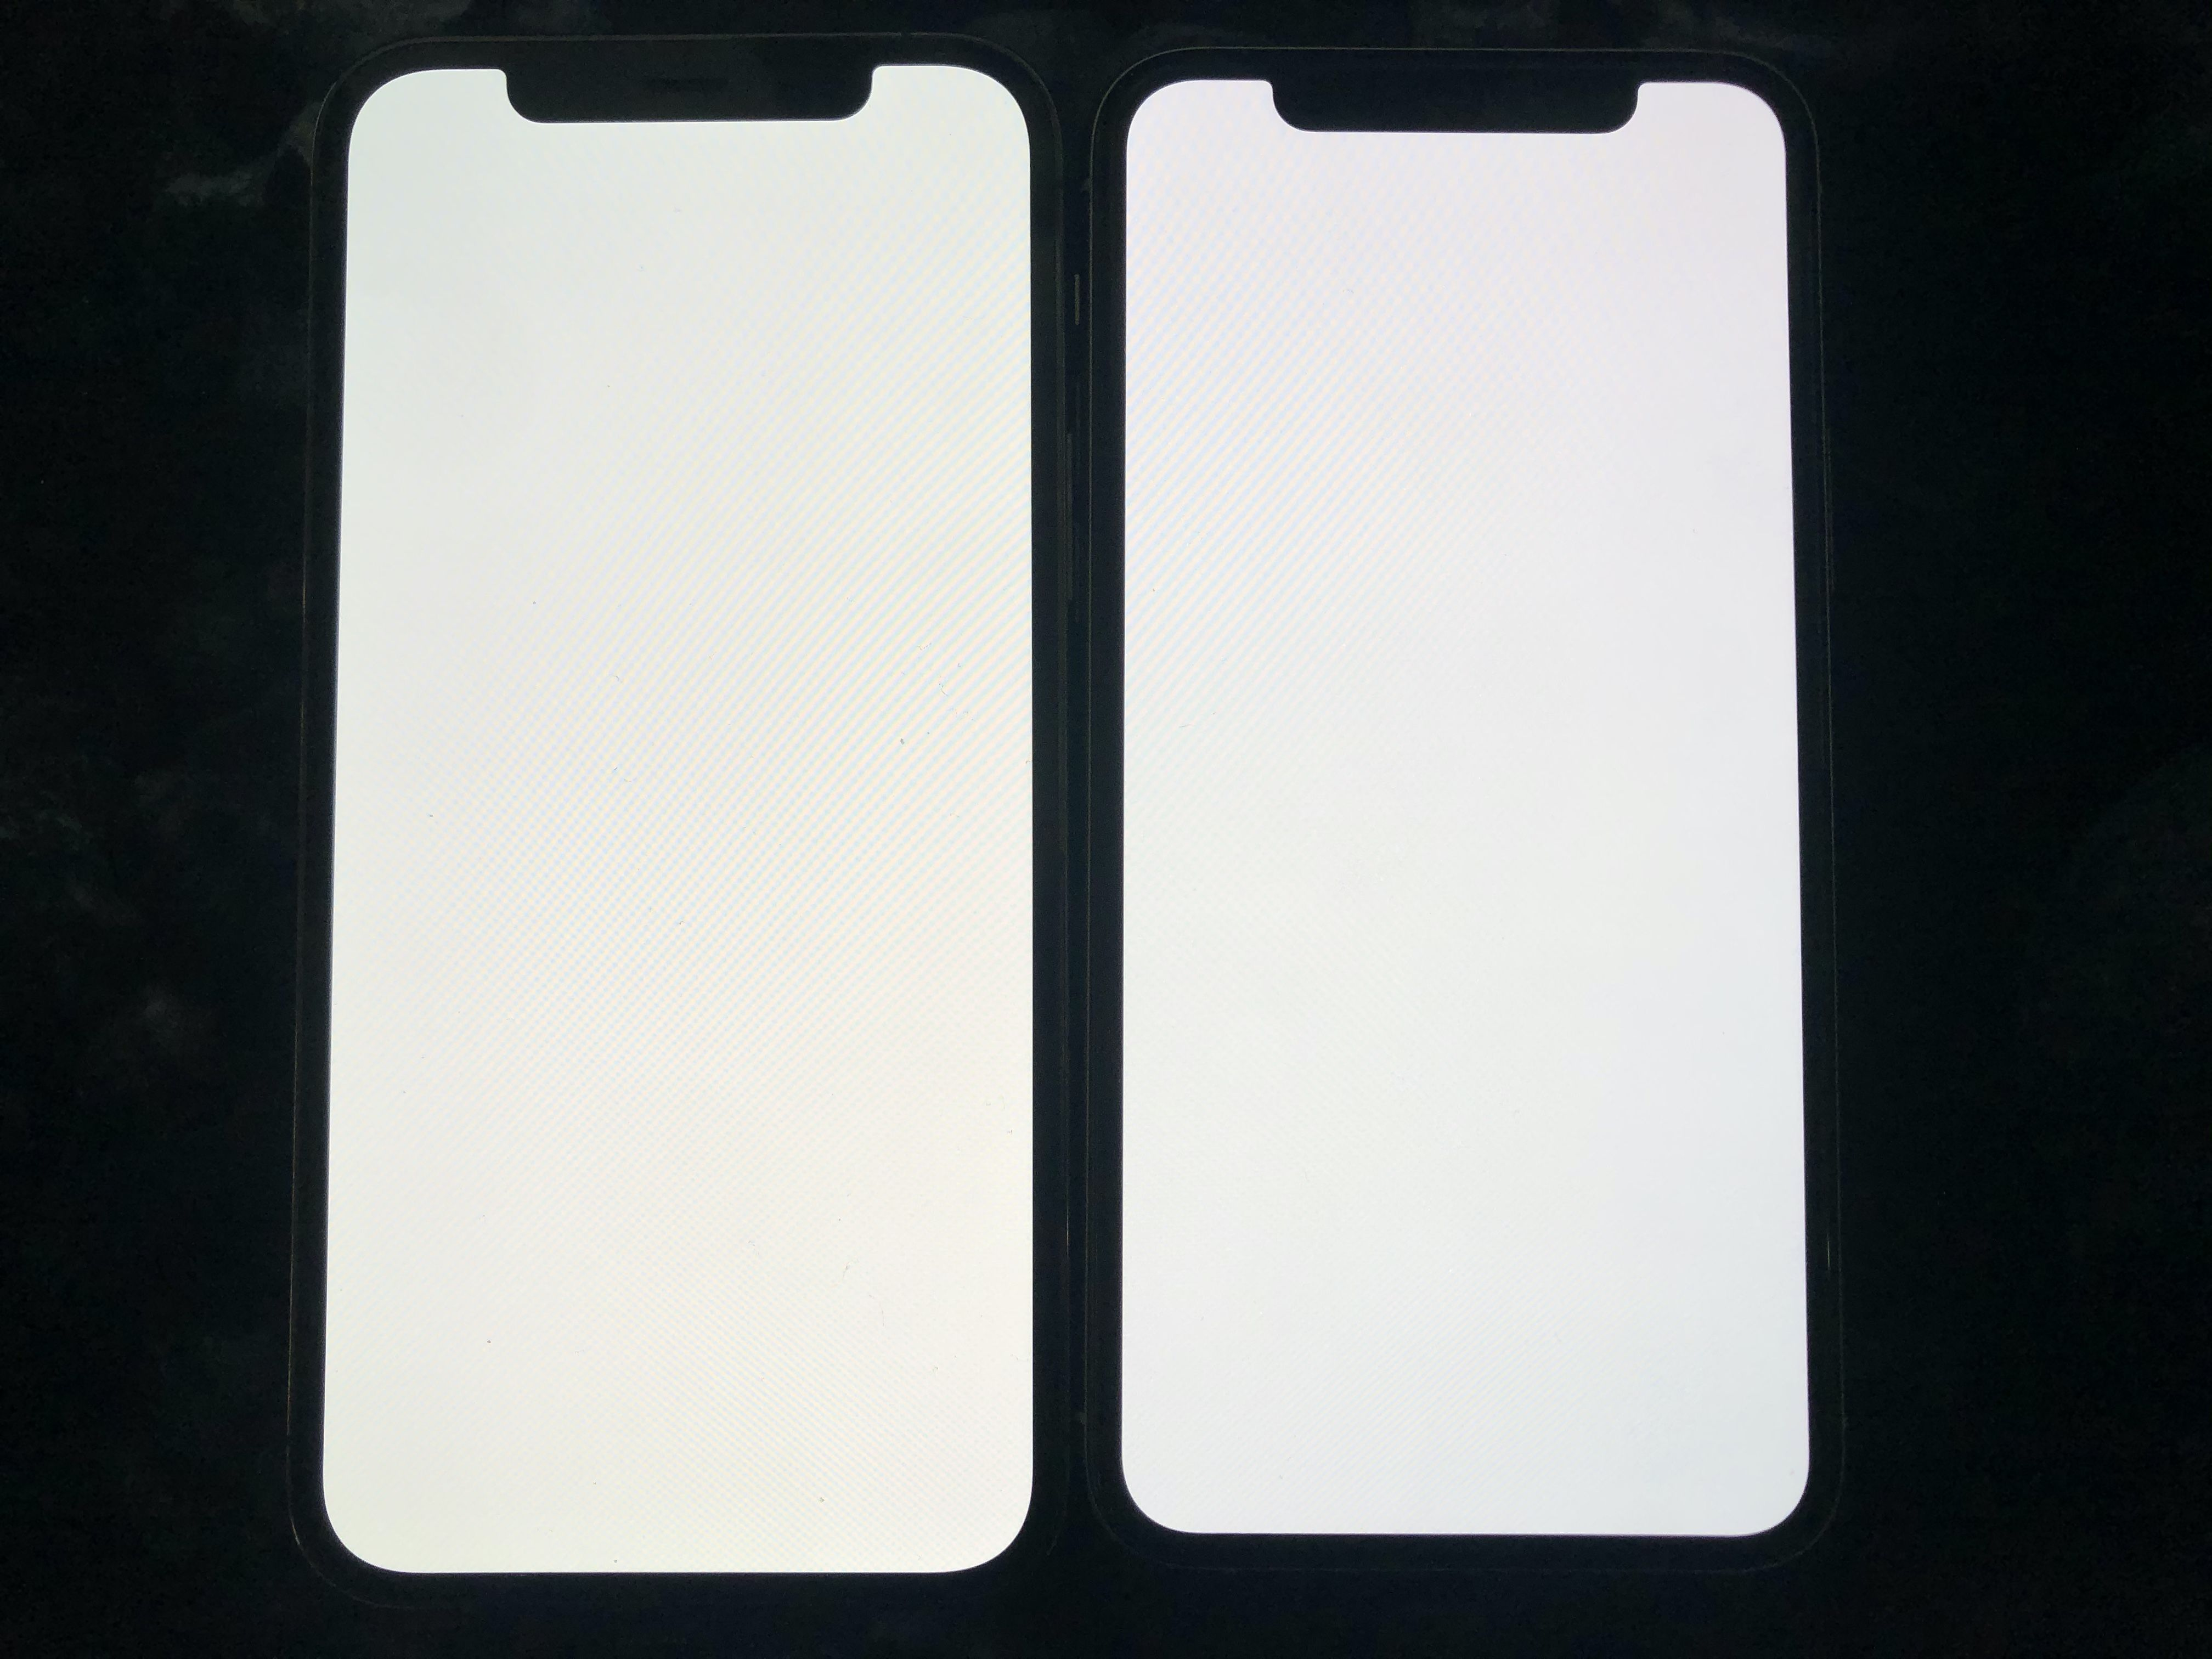 Avec True Tone désactivé iPhone 12 Pro à gauche iPhone 11 Pro à droite. @Reddit